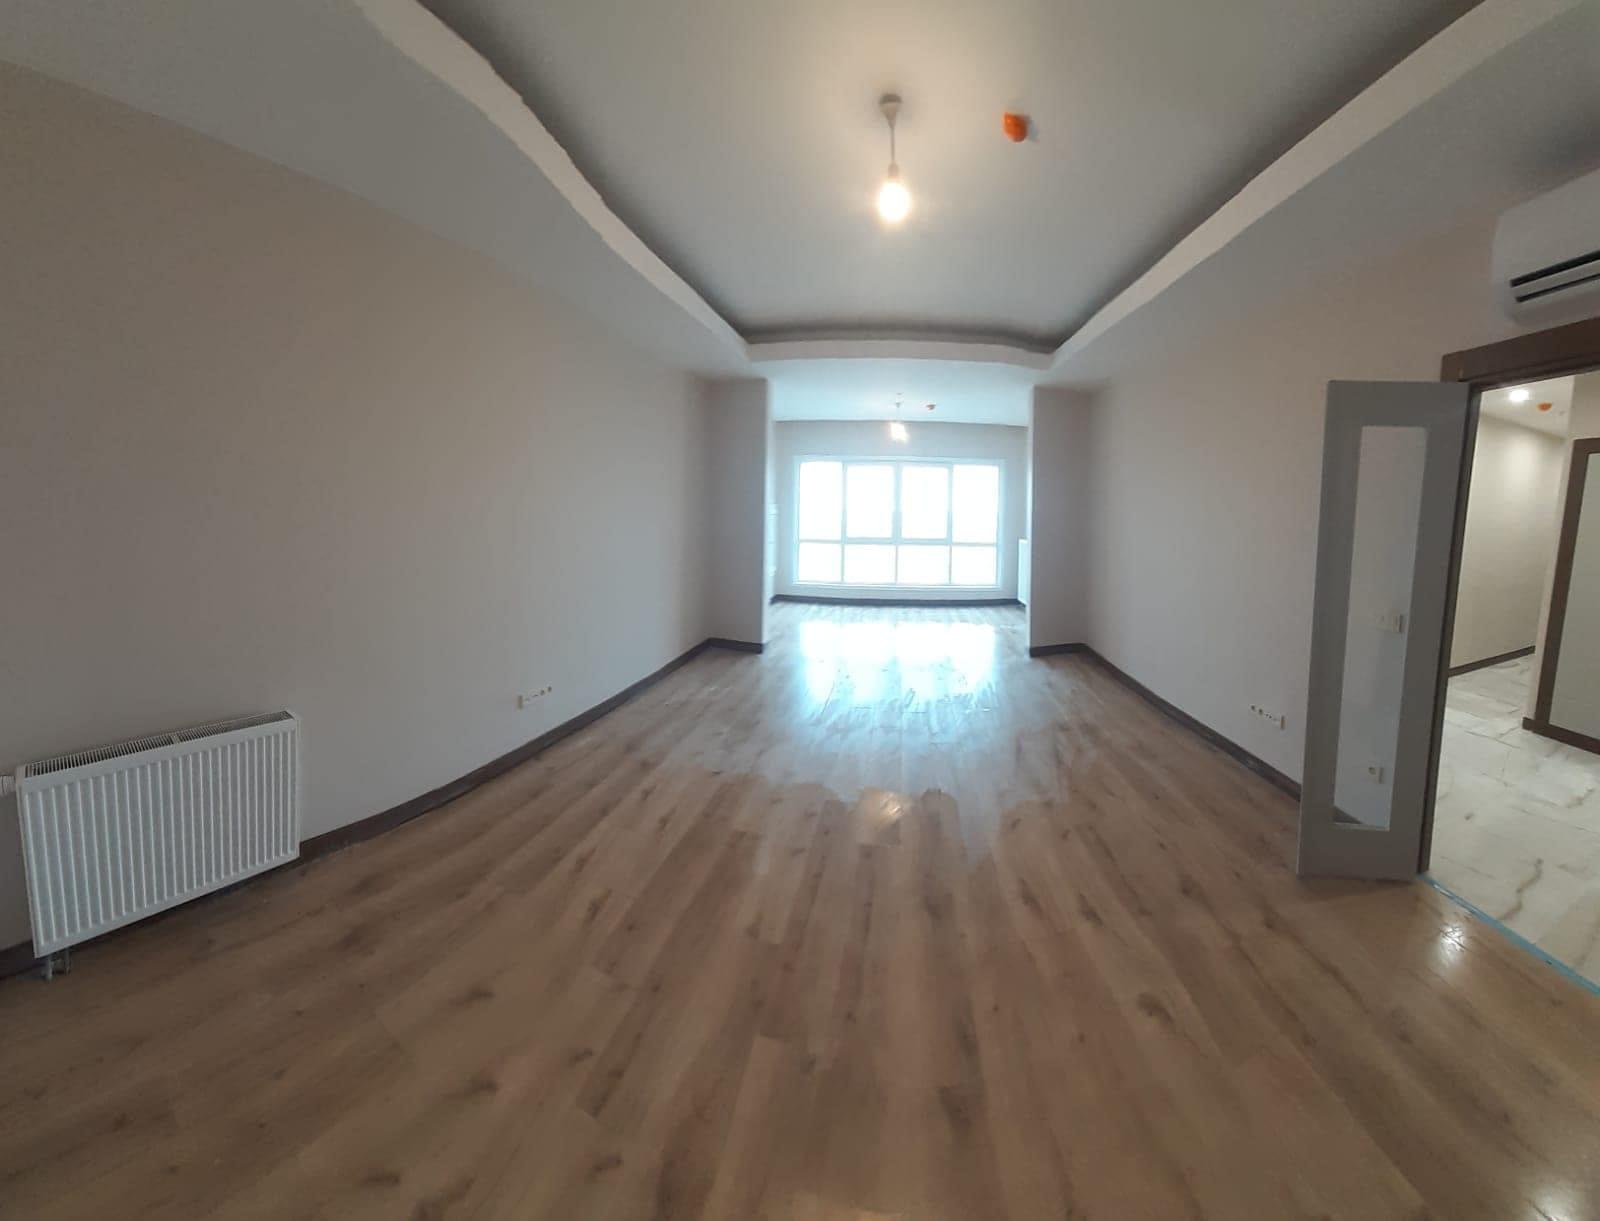 شقة 2+1 في بهشا كنت